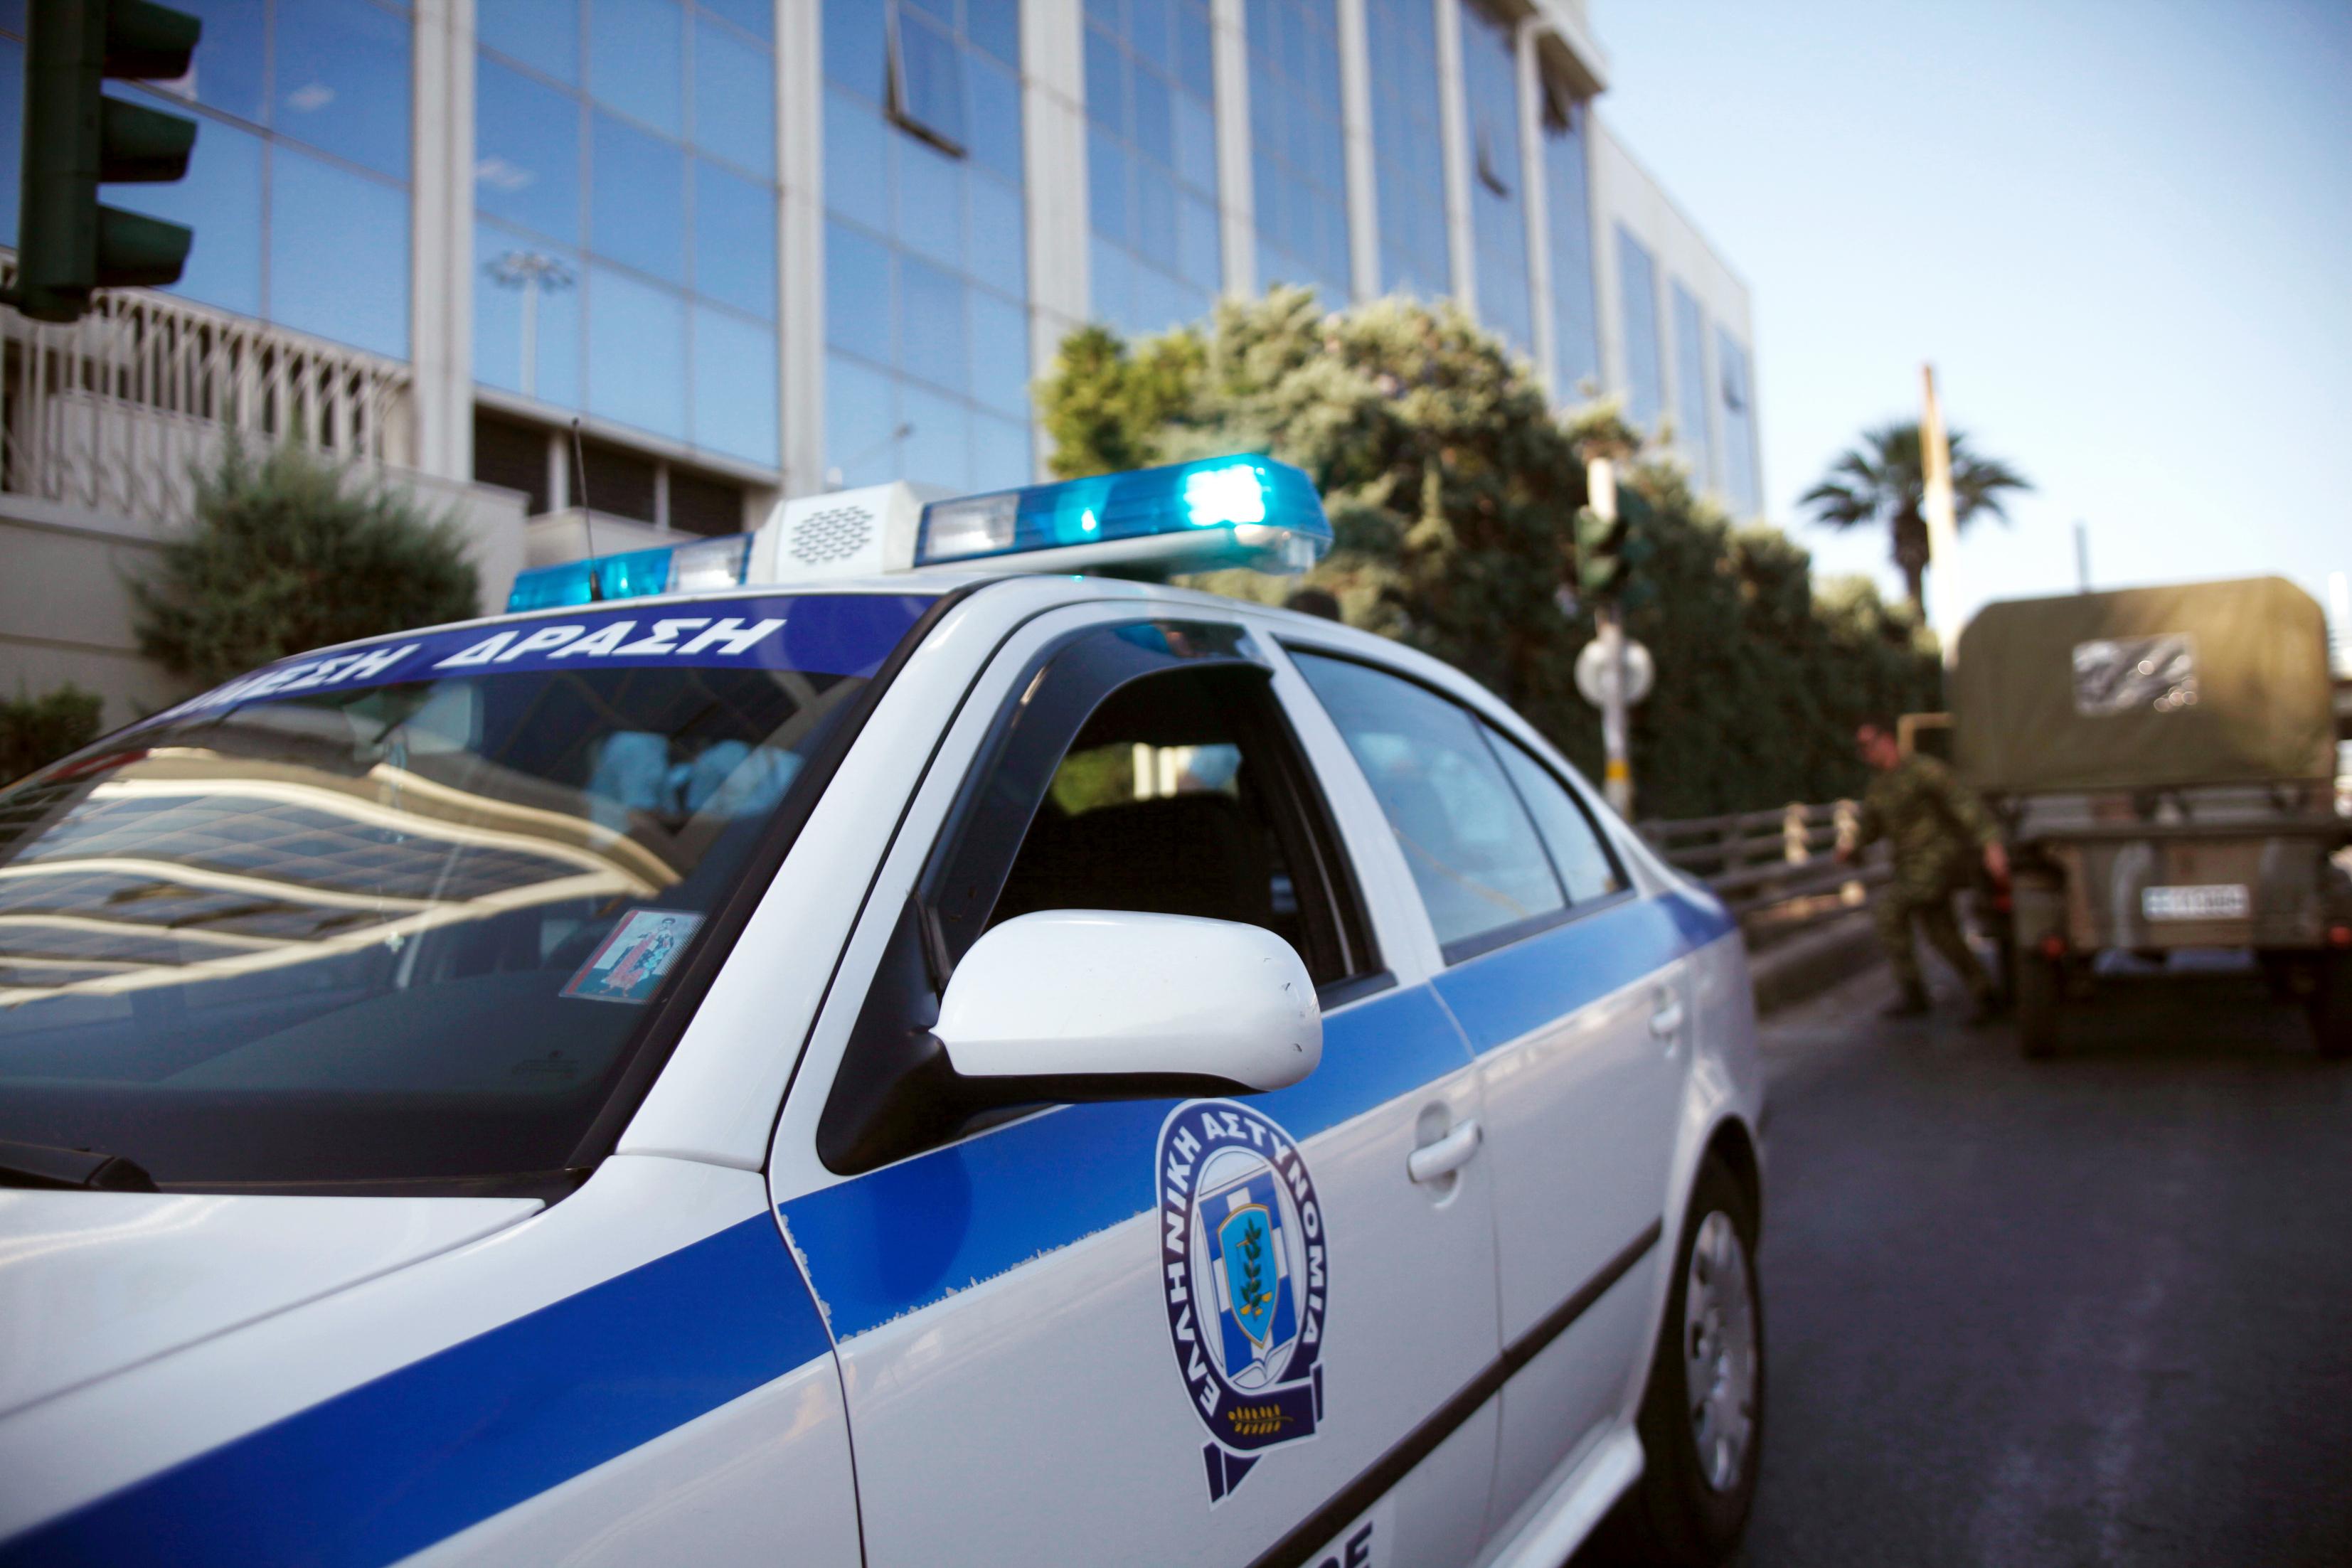 Συνελήφθη επιχειρηματίας για χρέη προς το δημόσιο στη Θεσσαλονίκη | tovima.gr